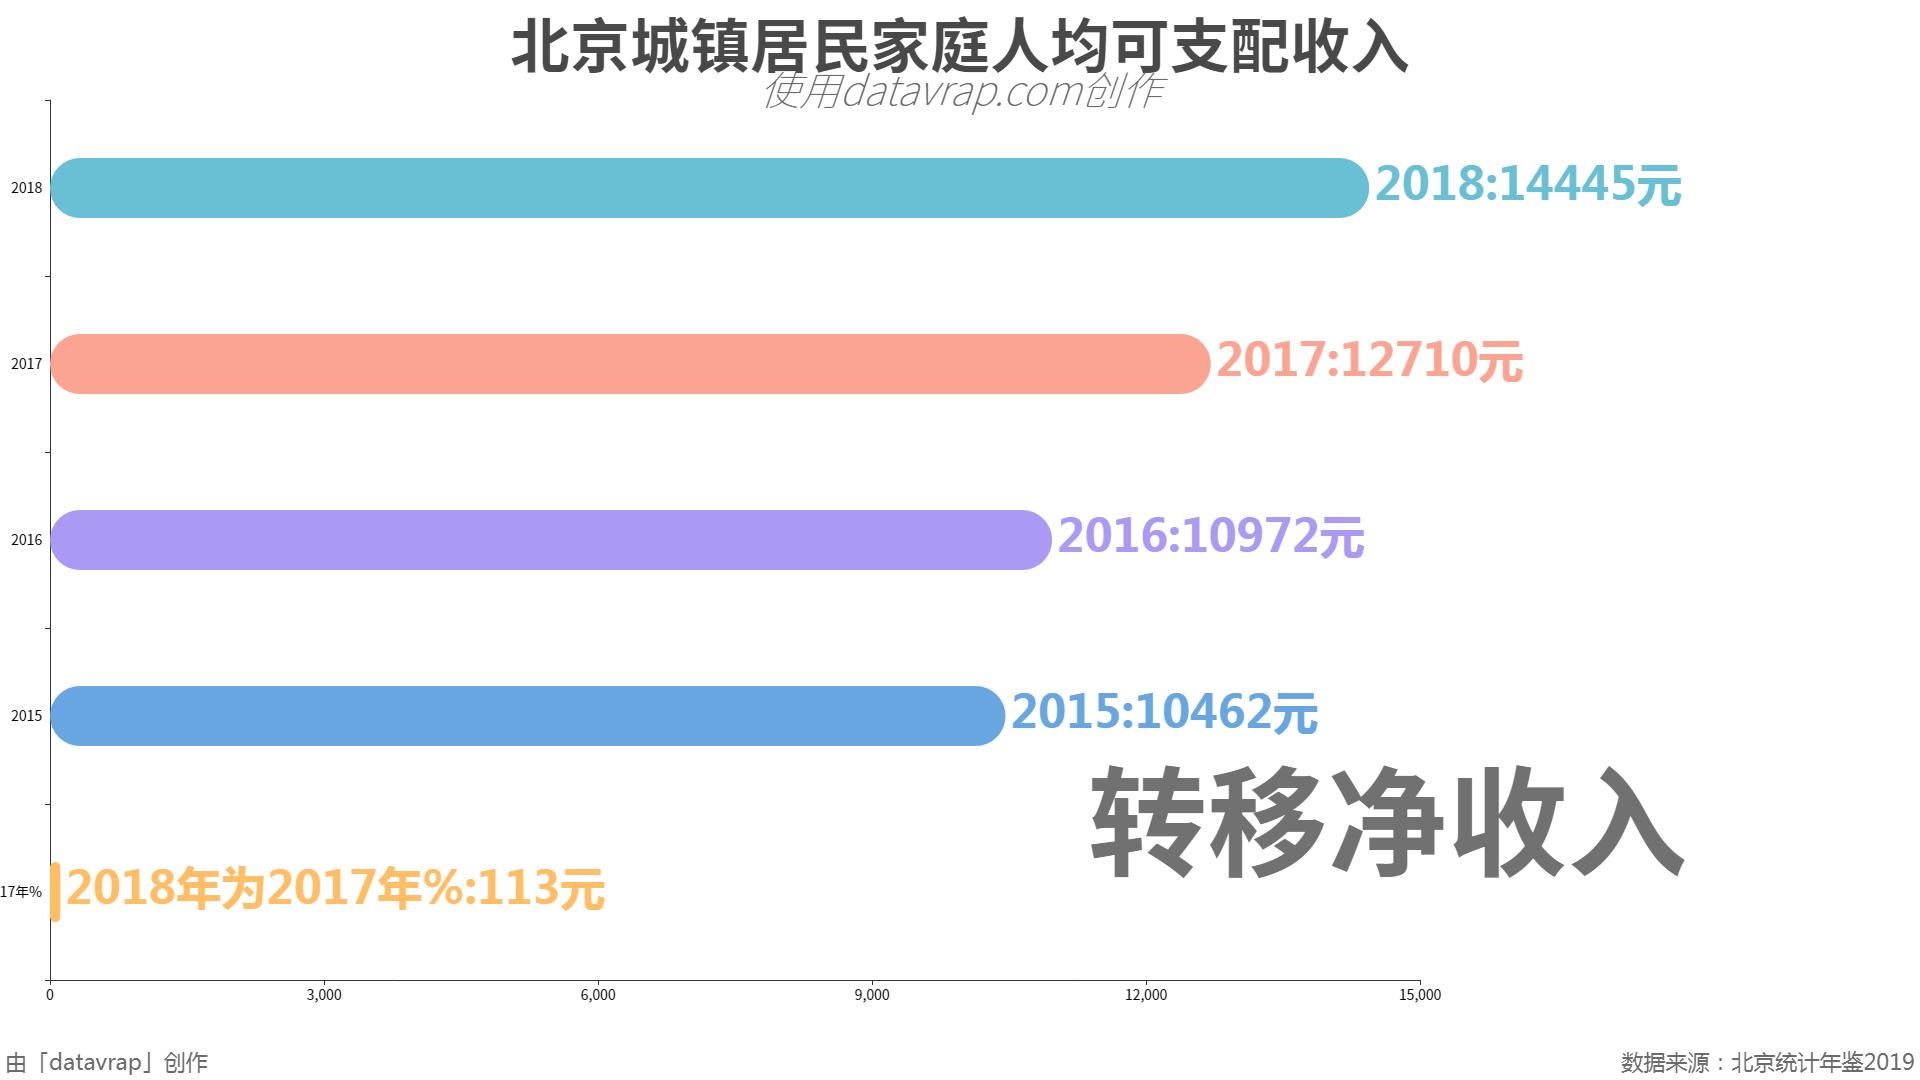 北京城镇居民家庭人均可支配收入